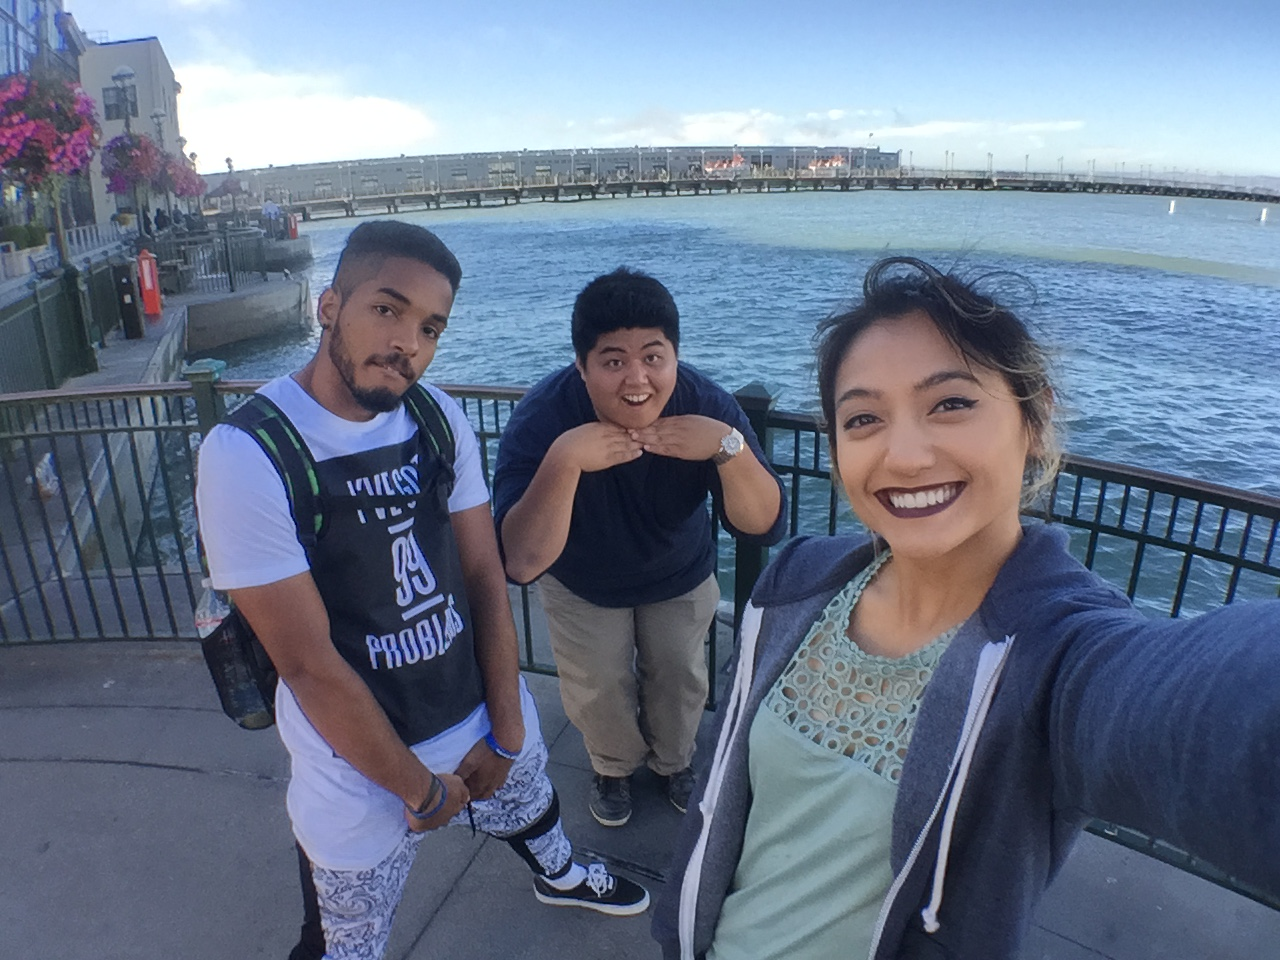 The Pier, San Francisco